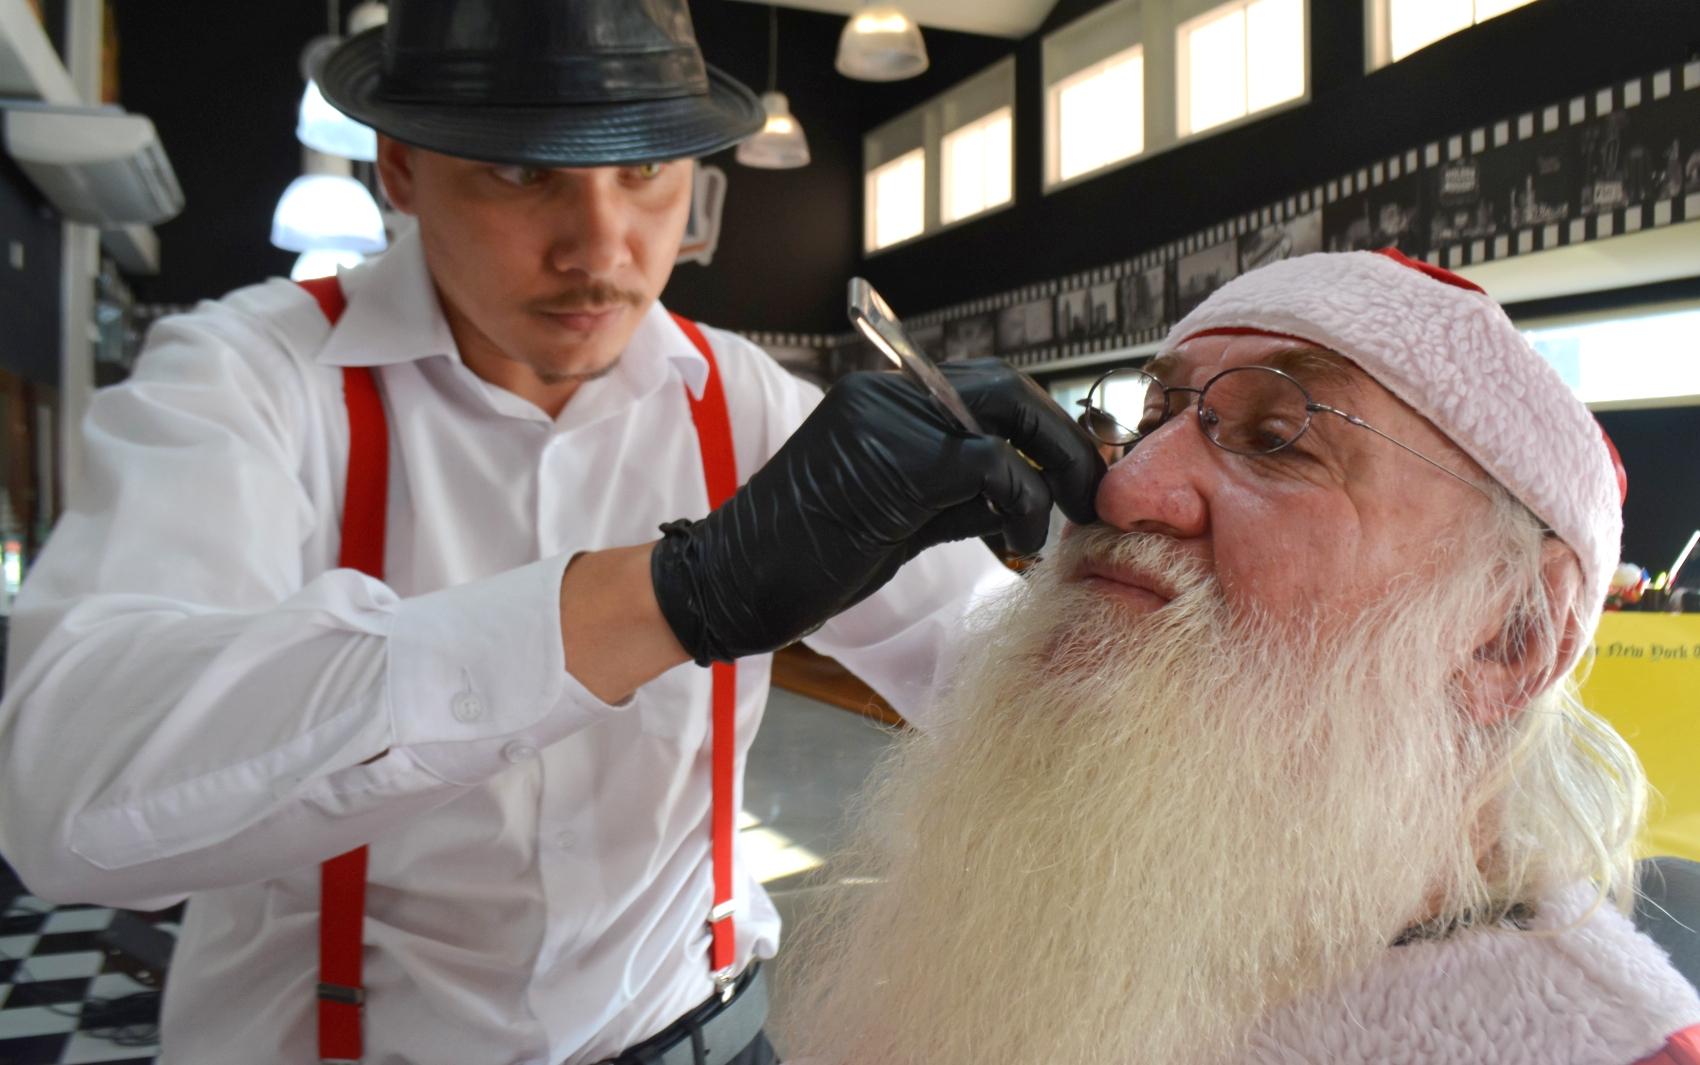 Moacir Agesse trabalha como Papai Noel há 27 anos, na região de Campinas